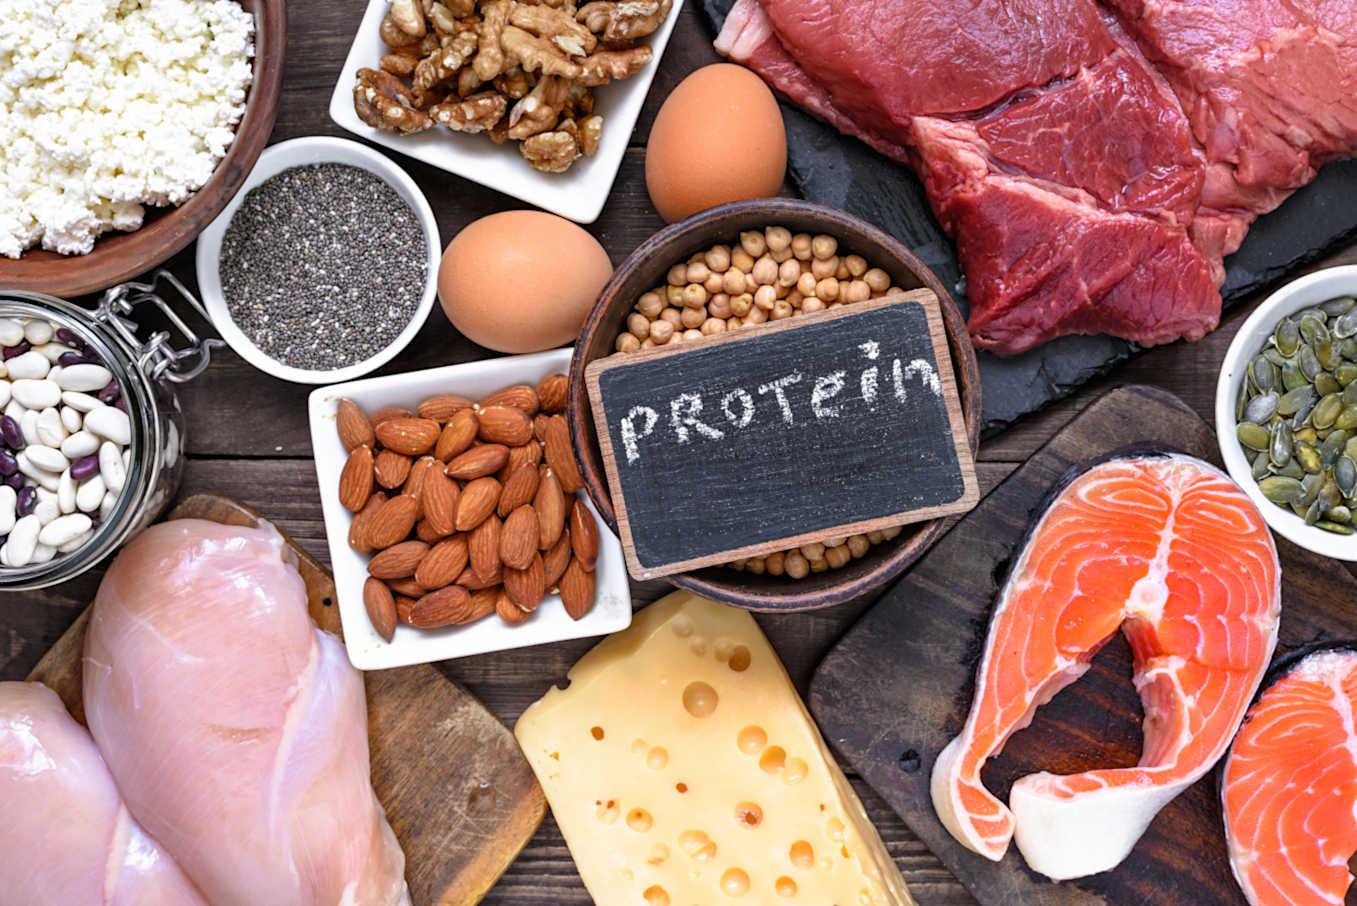 رجيم البروتين كم ينزل؟